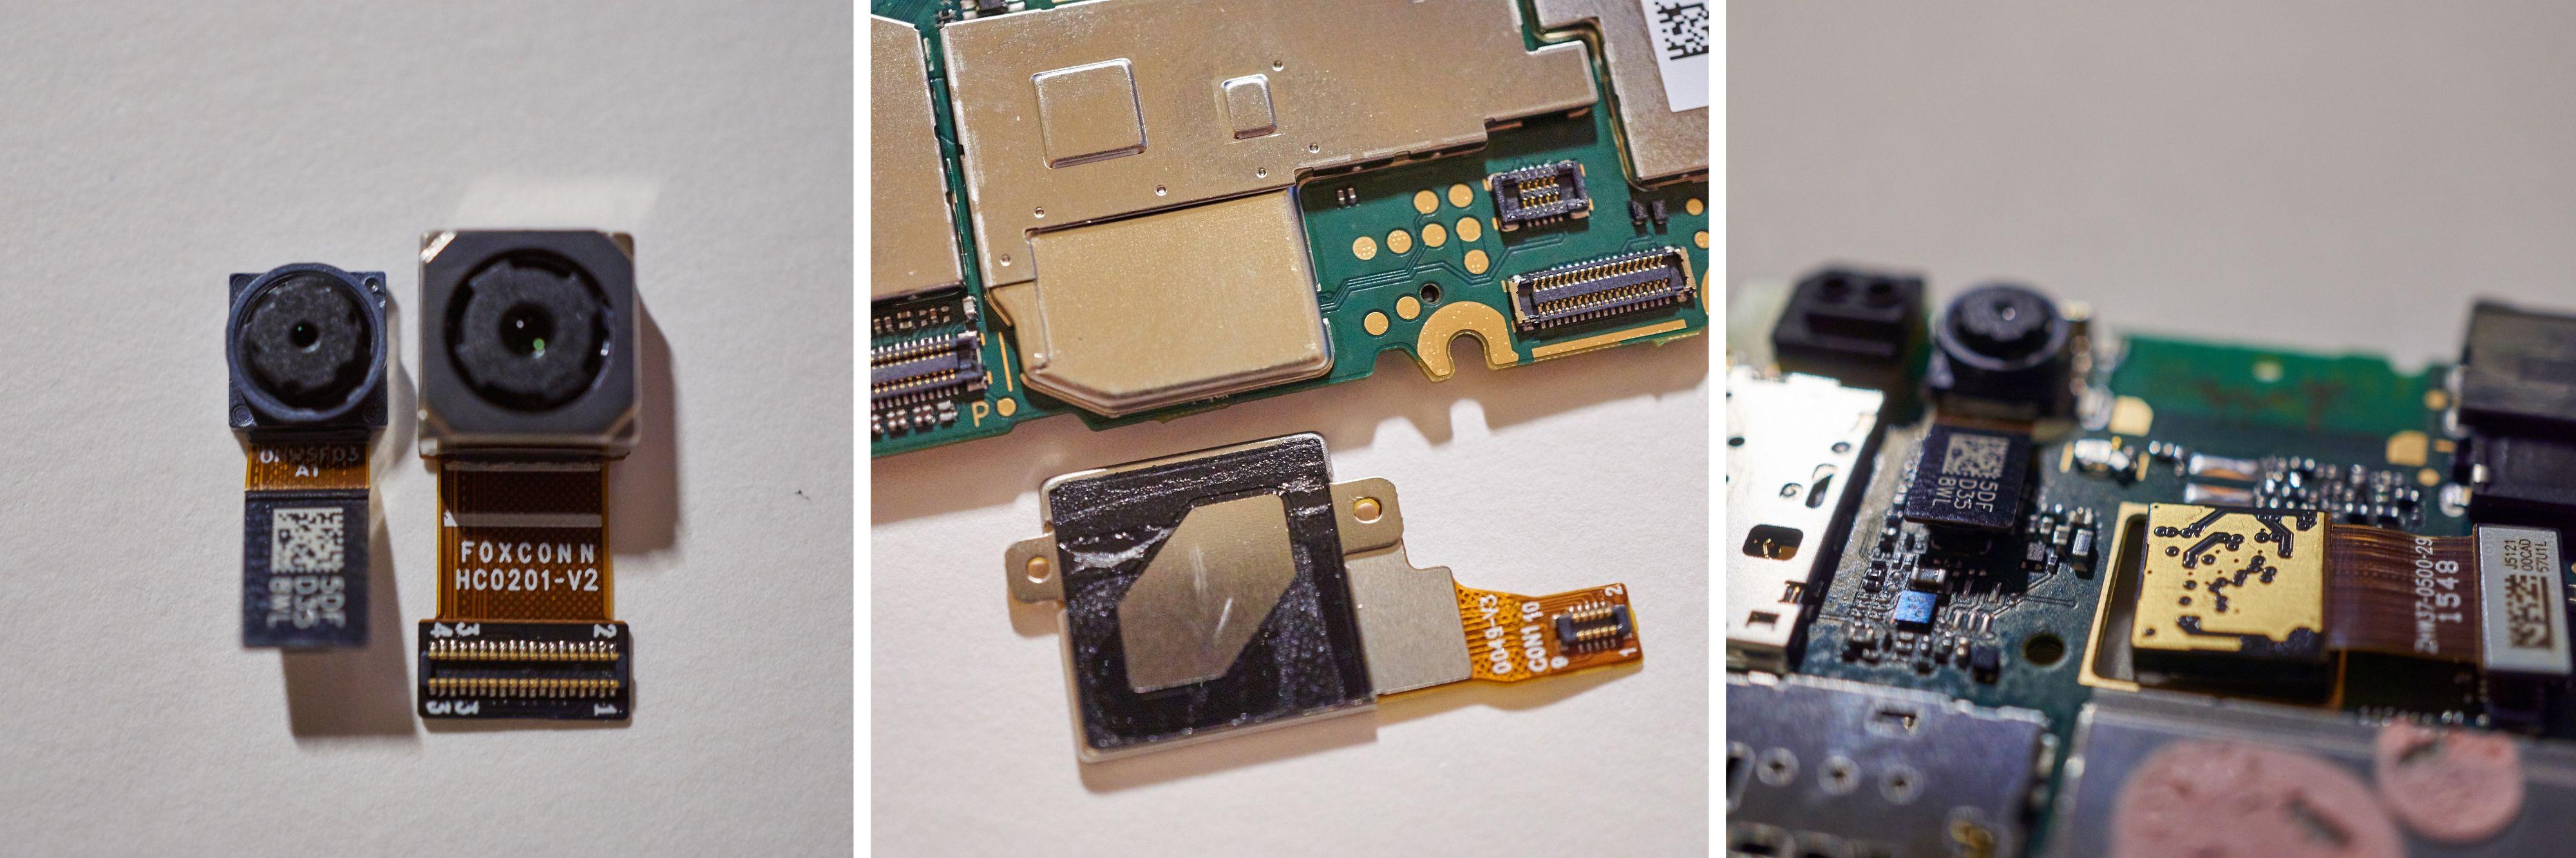 Fingeravtrykksleseren og de to kameraene kunne løsnes fra hovedkortet. Til høyre ser du den artige plasseringen til hovedkameraet.